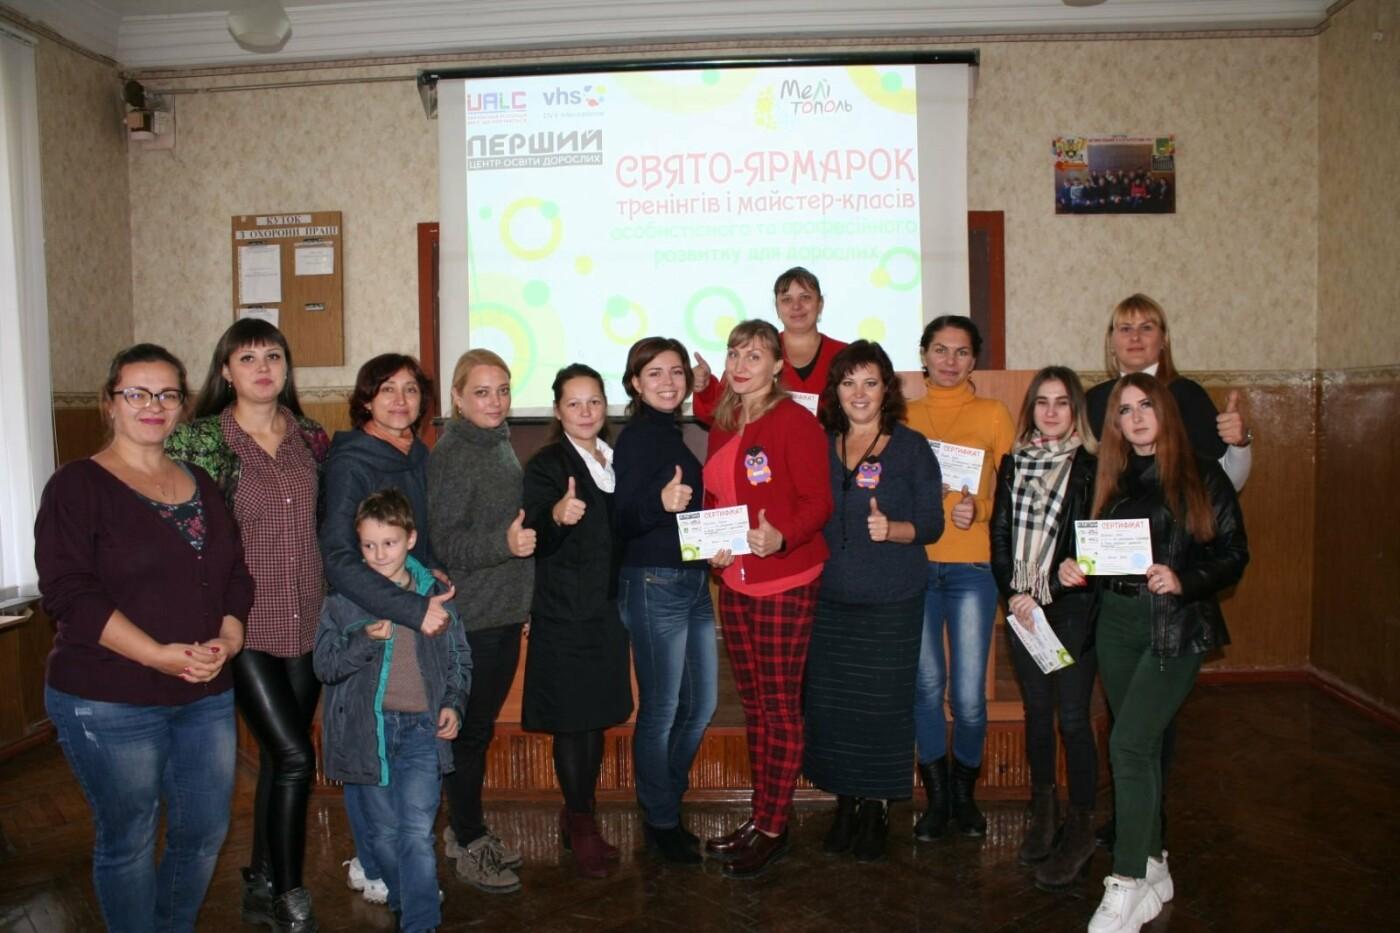 В Мелитополе состоялся праздник-ярмарка тренингов и мастер-классов, фото-3